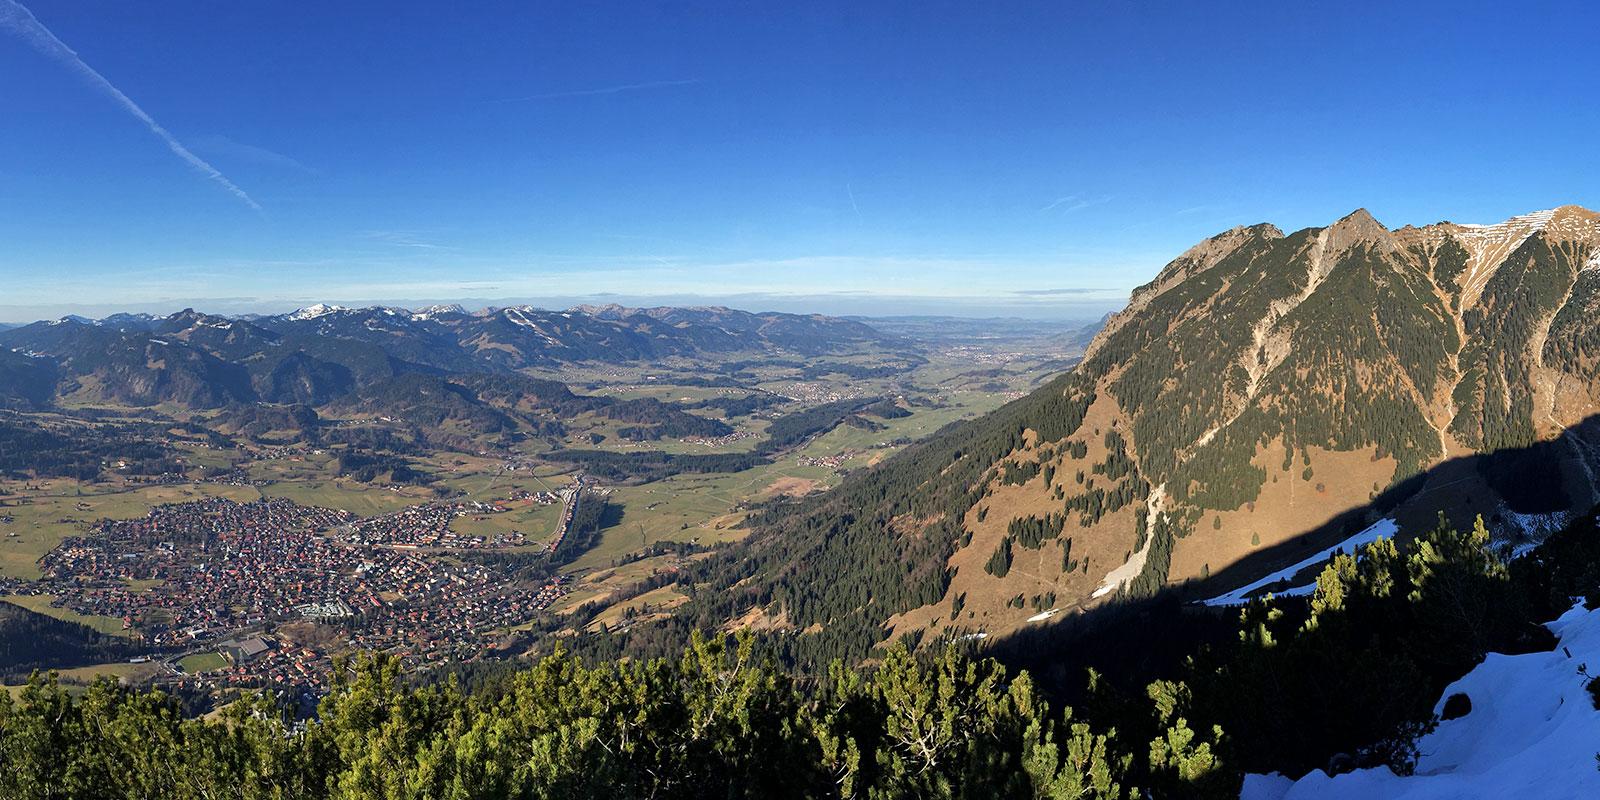 Ferienwohnungen Gerlach in Oberstdorf im Allgäu